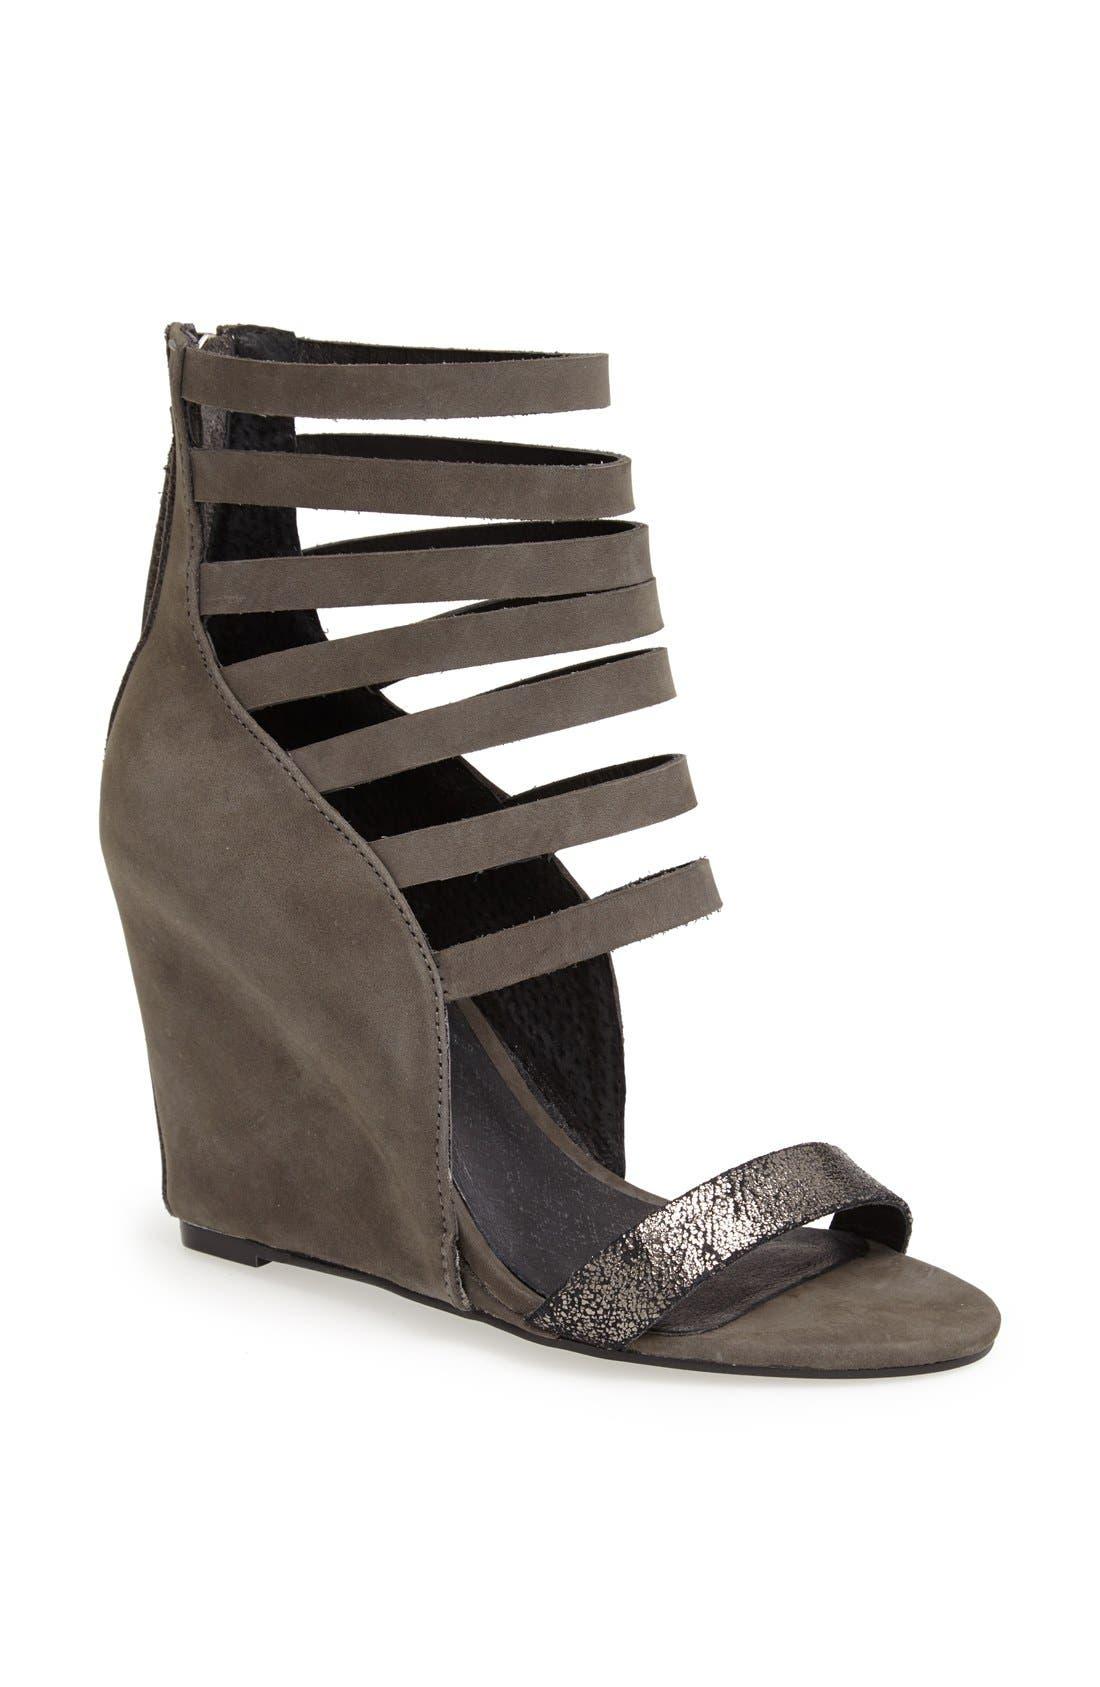 Main Image - Matisse 'Kindred' Suede Sandal